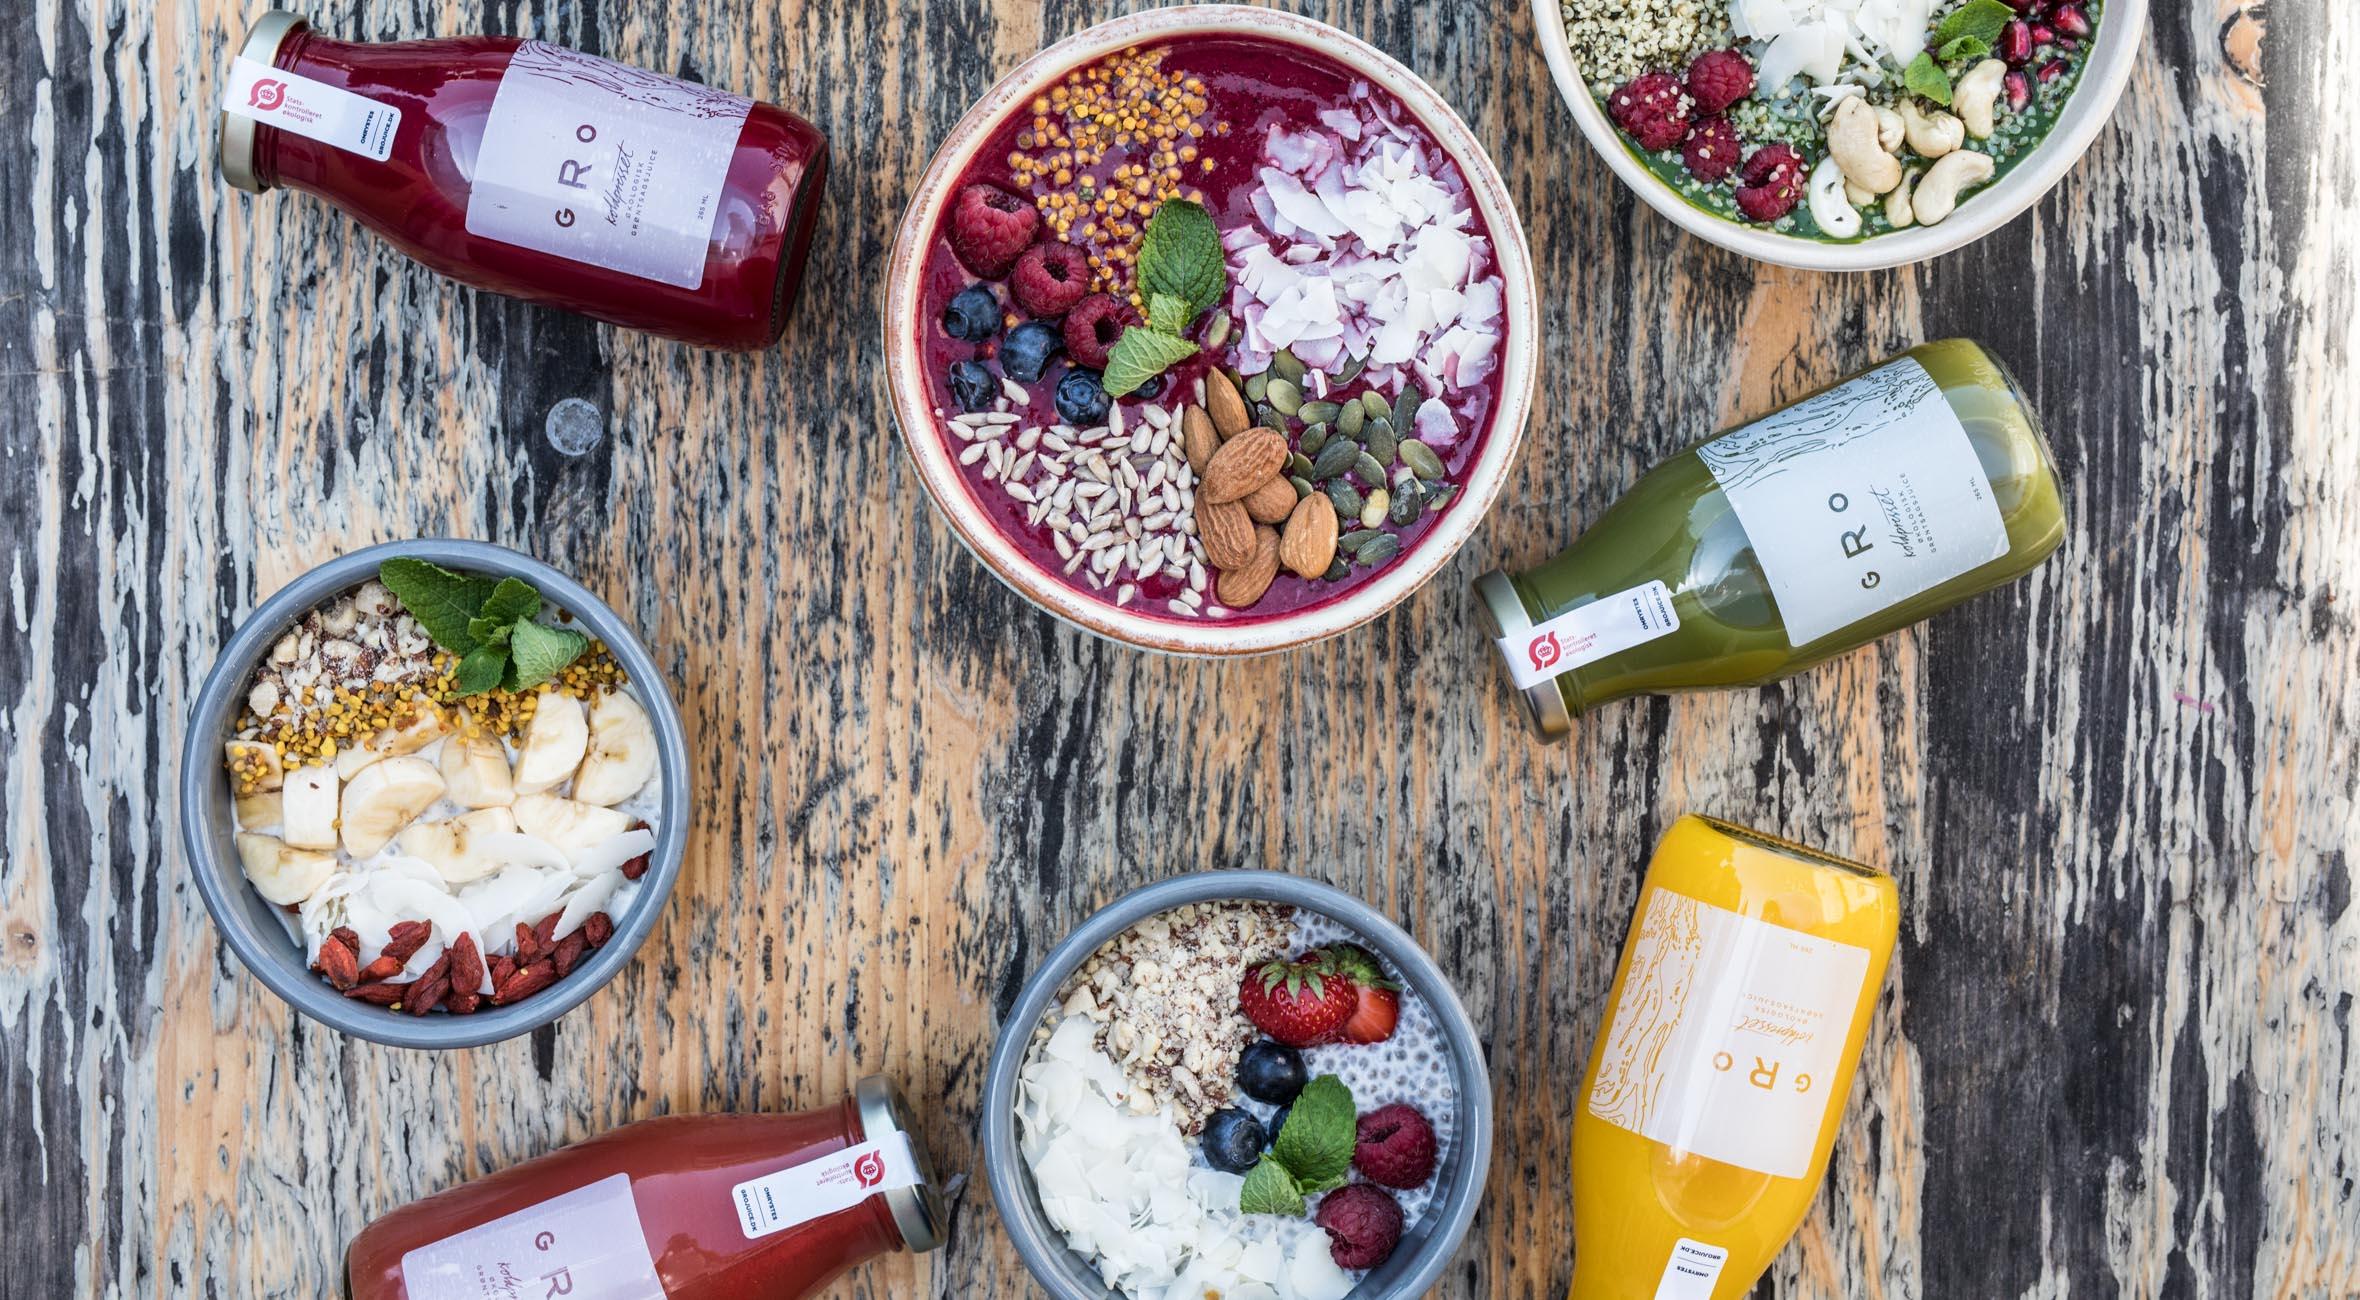 Frit valg til alt hos Gro på Reffen – Nyd vegansk street food & koldpresset juice ud til havneløbet i København